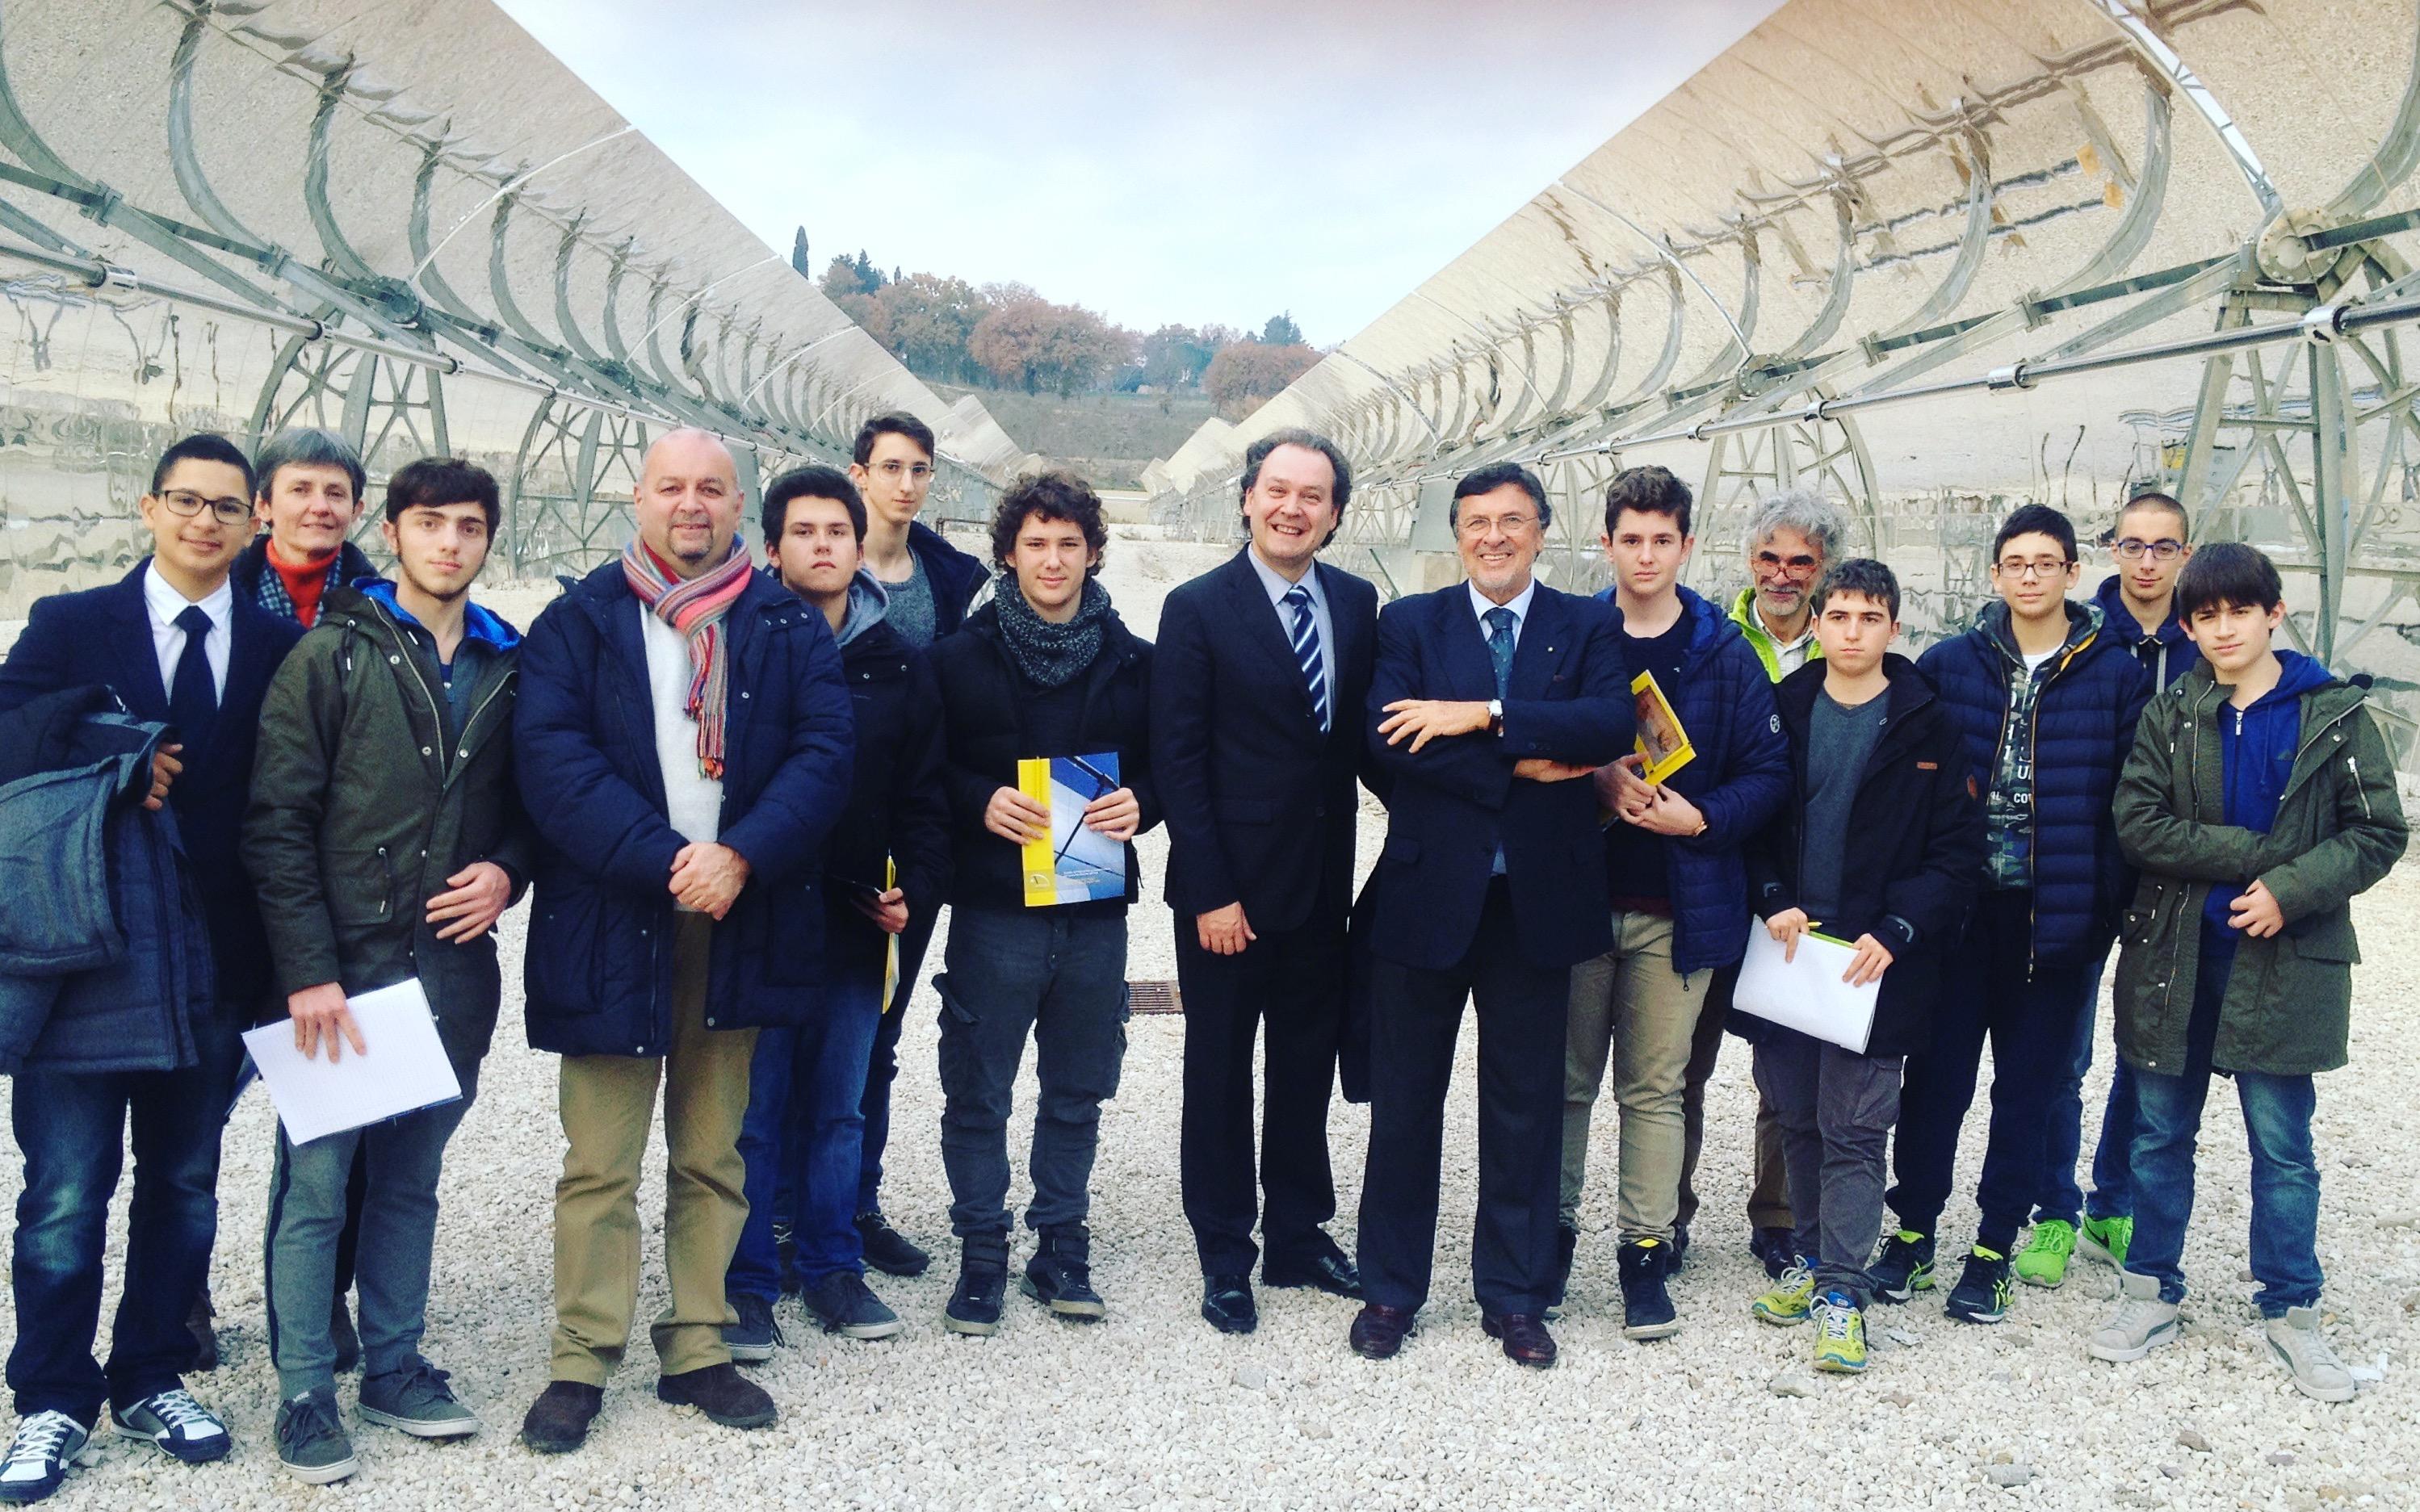 Solarlab per gli studenti del natta premiazione in senato for Senato della repubblica indirizzo